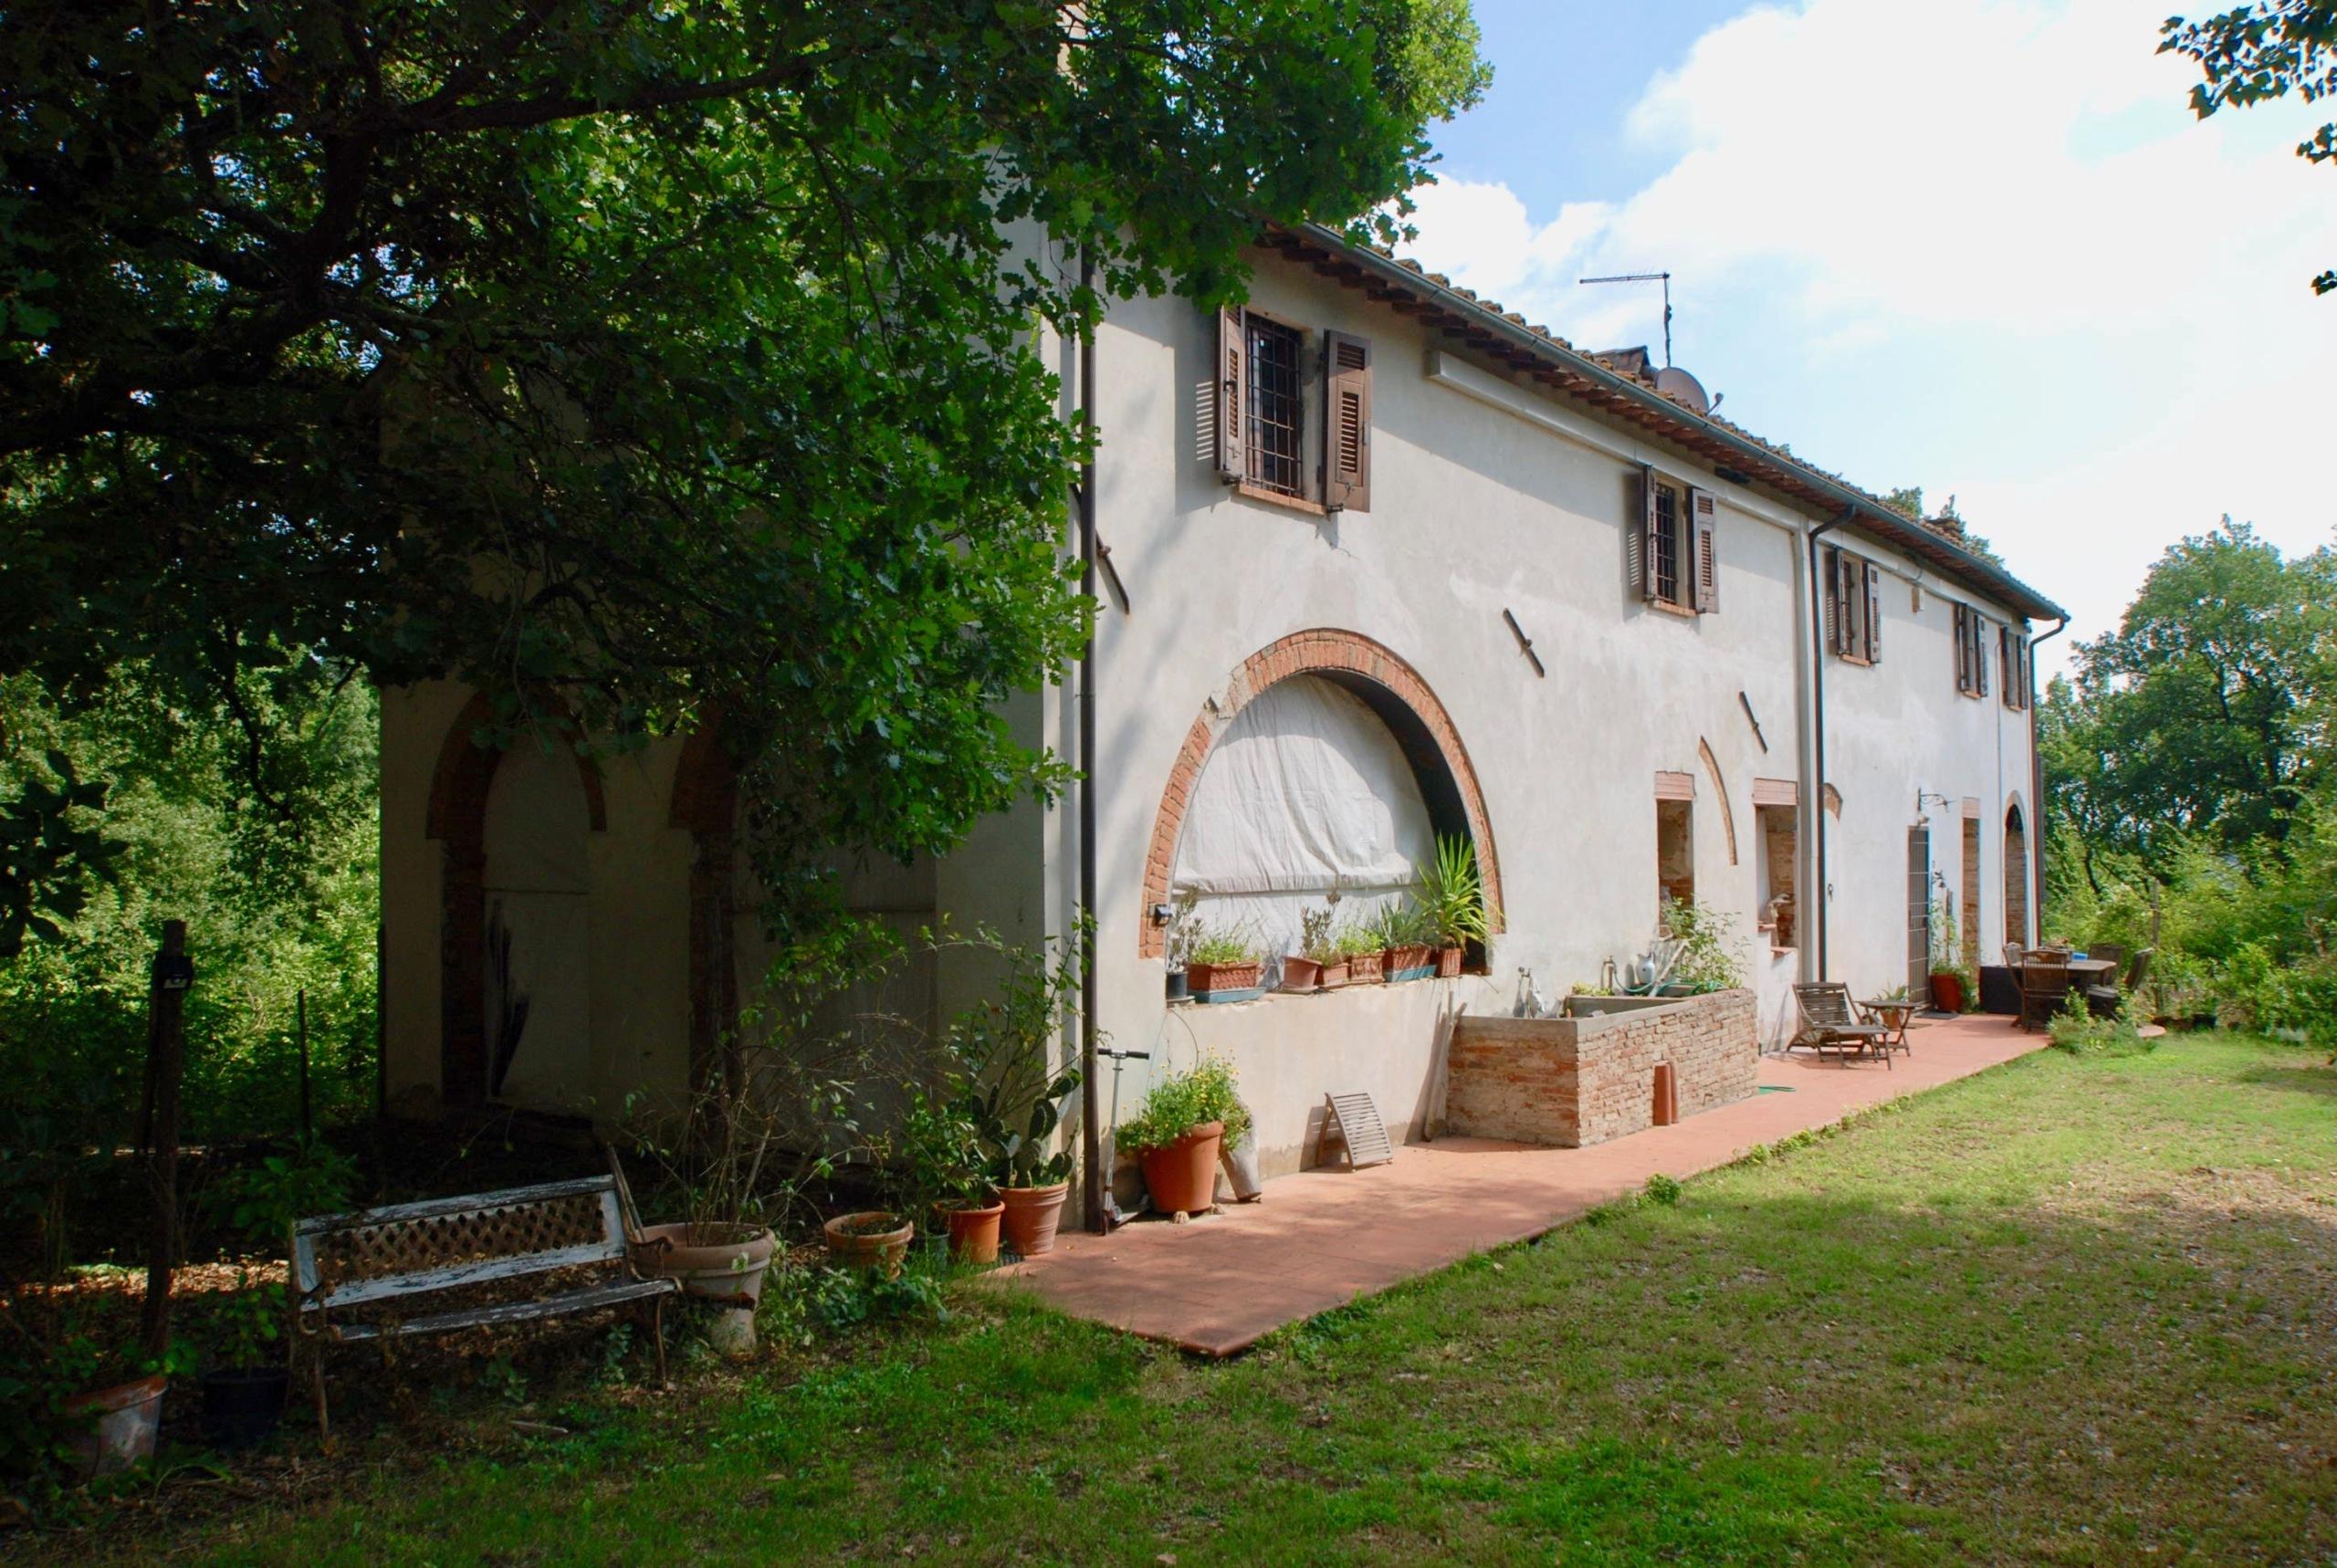 Case Toscane Immobiliare Pontedera : Toscana home service agenzia immobiliare per la promozione di case